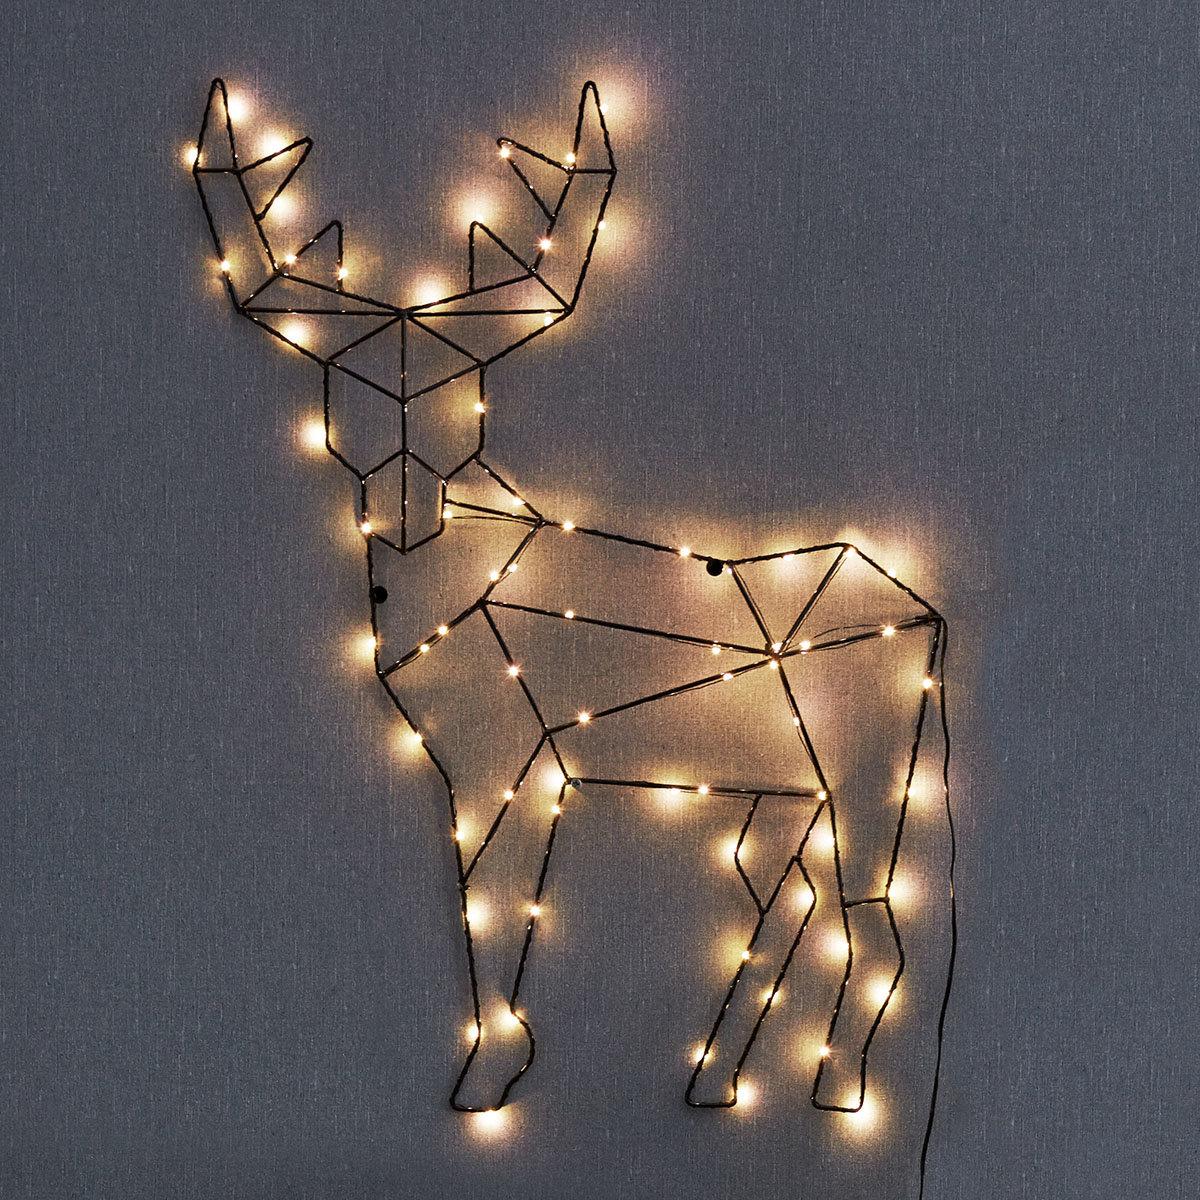 LED-Wanddekoration Rentier Rico | #2